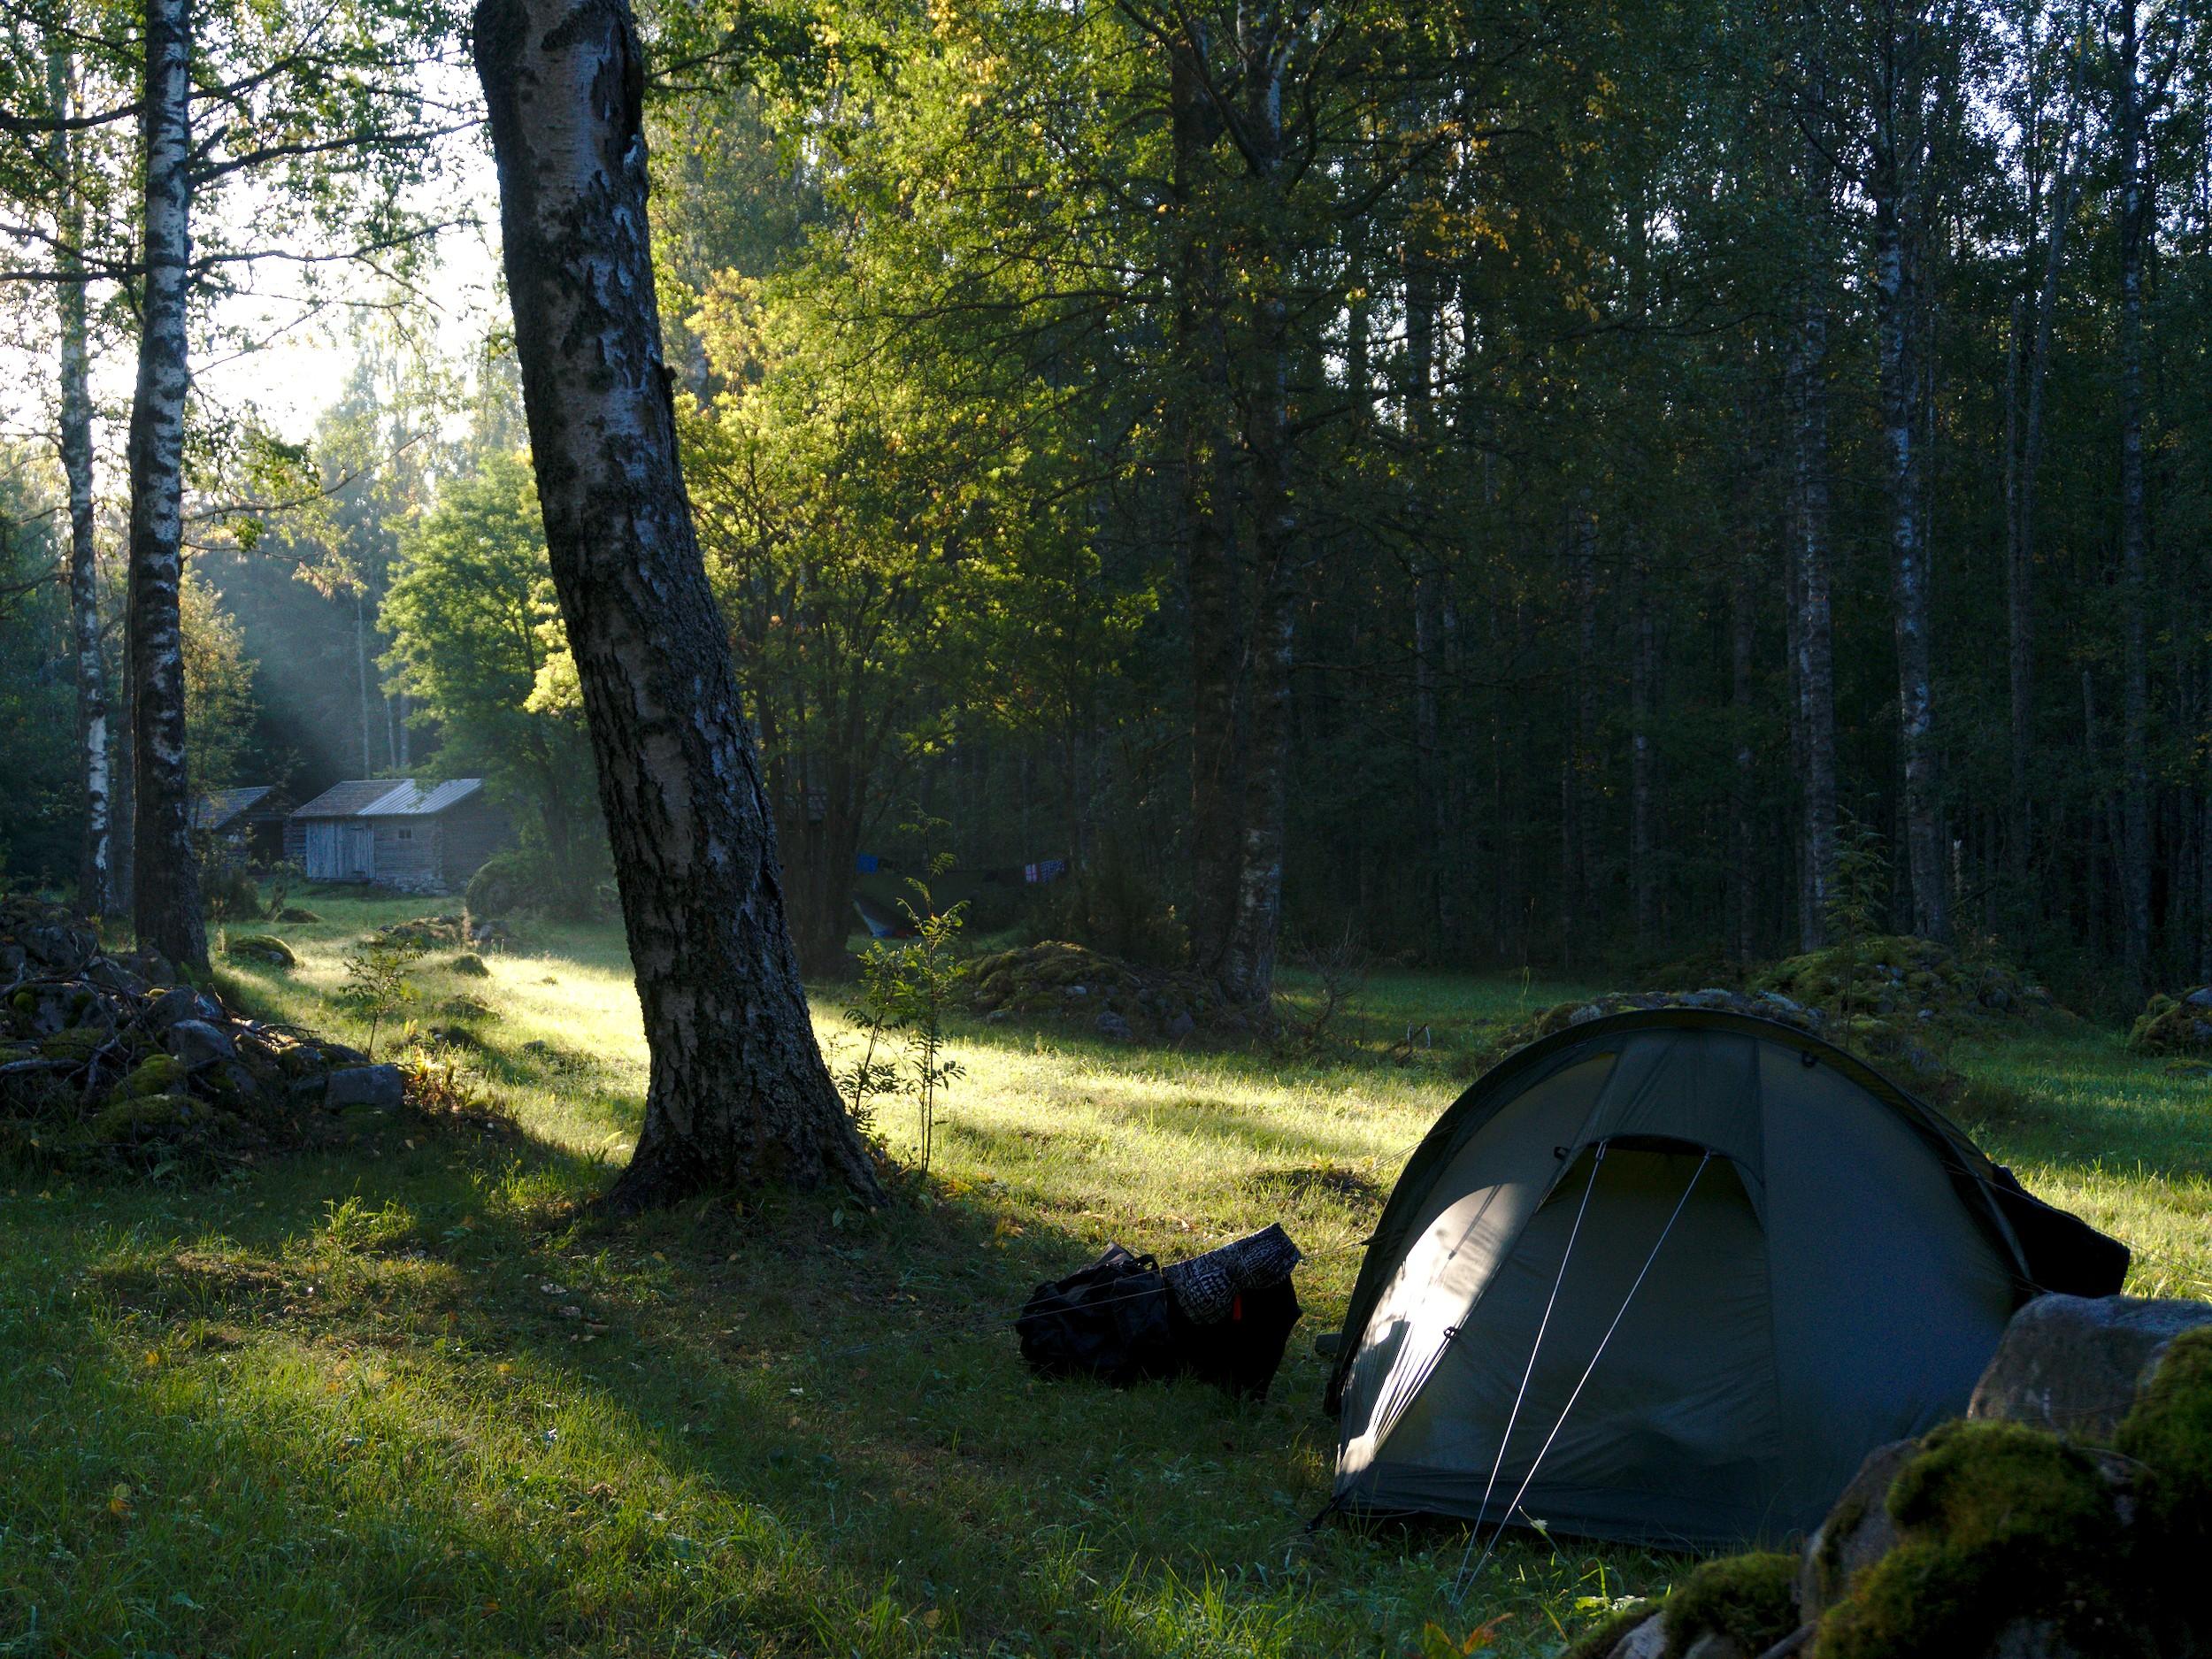 Ensimmäinen telttapaikka ja aamuaurinko